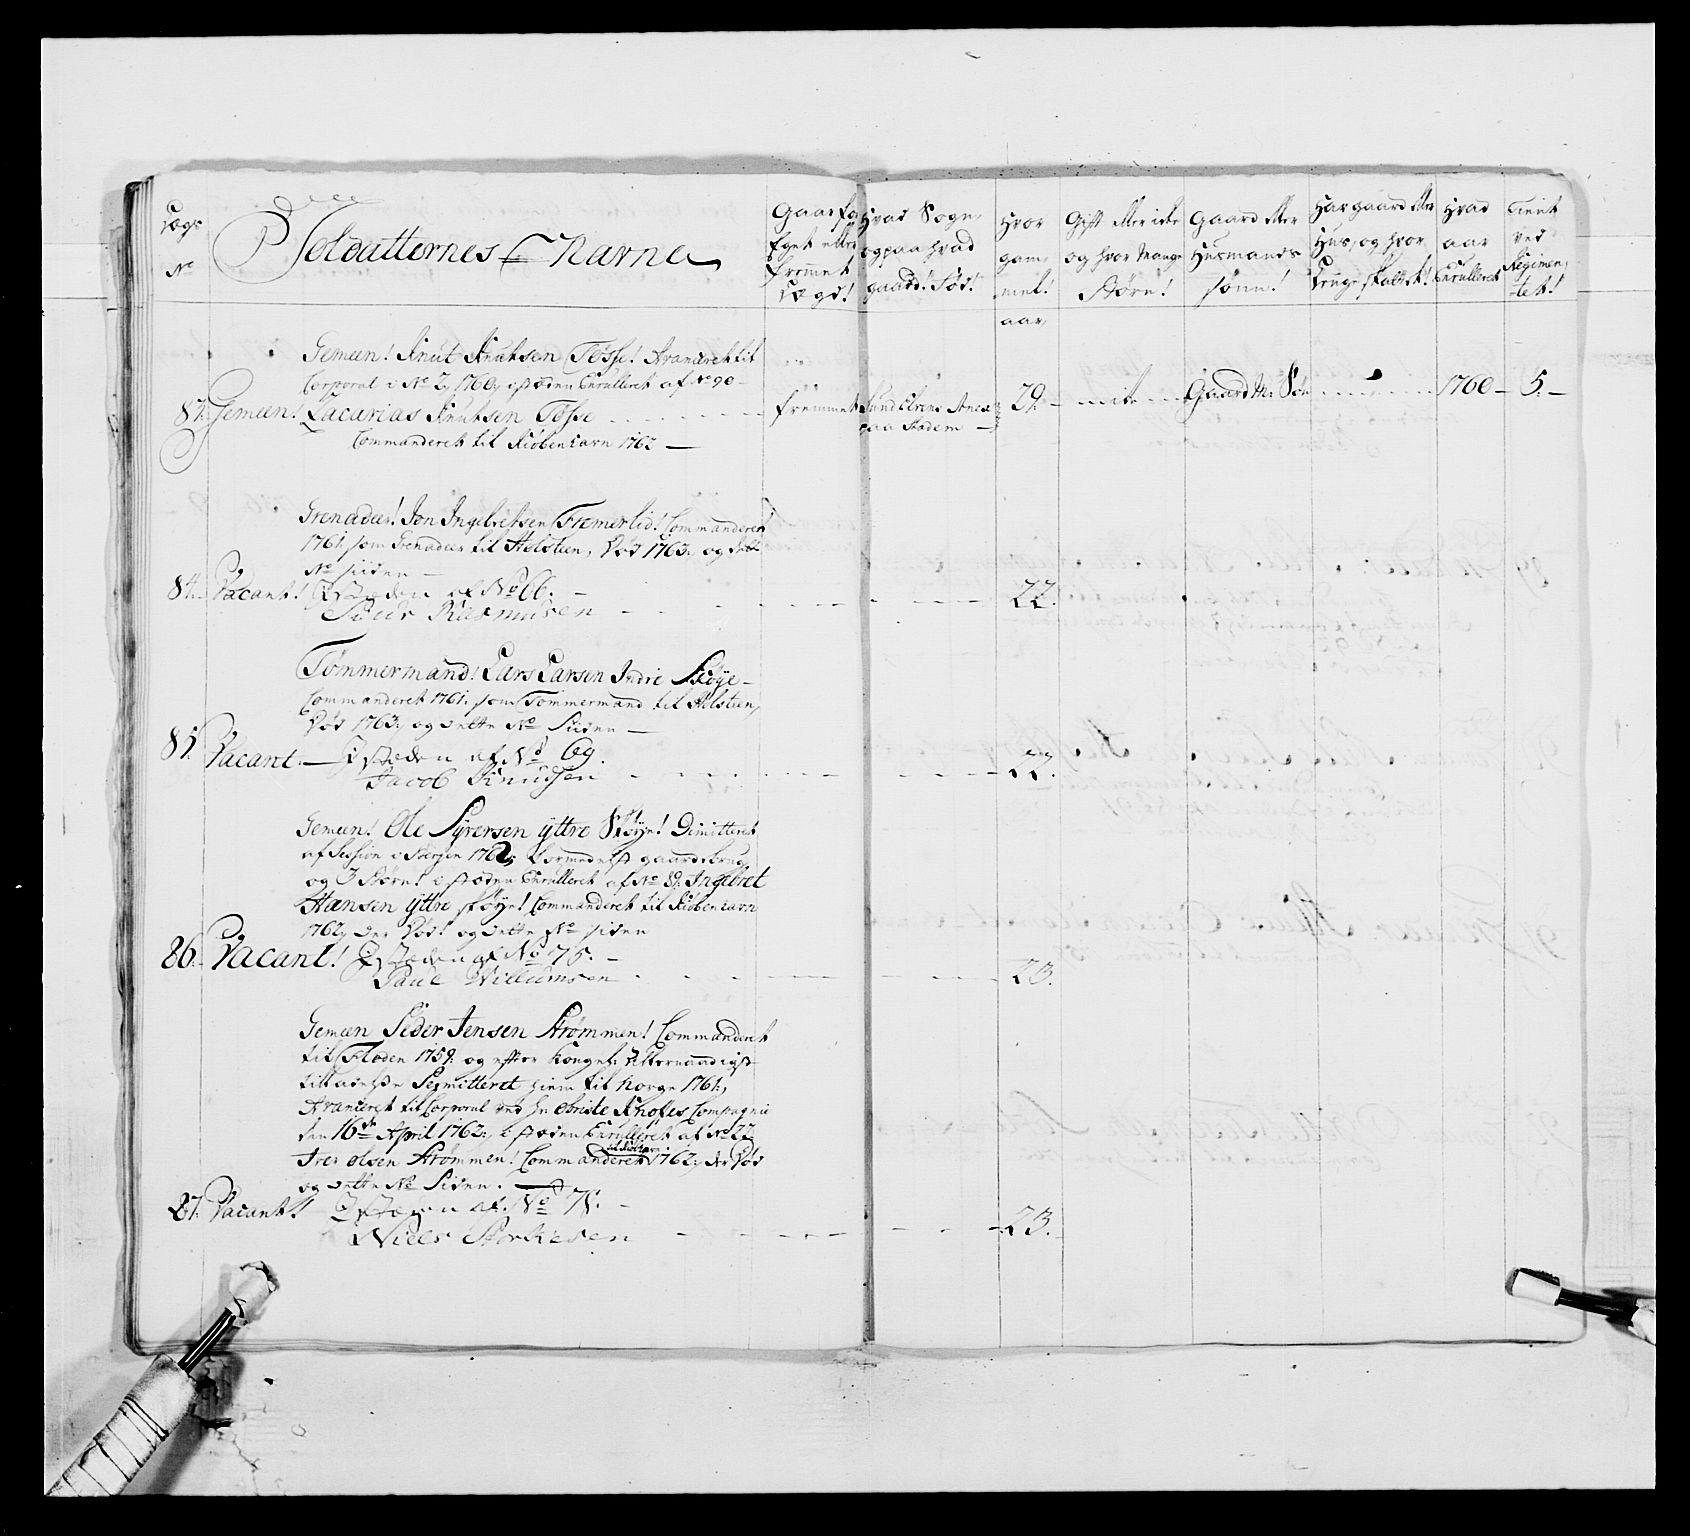 RA, Kommanderende general (KG I) med Det norske krigsdirektorium, E/Ea/L0518: 1. Bergenhusiske regiment, 1760-1765, p. 552